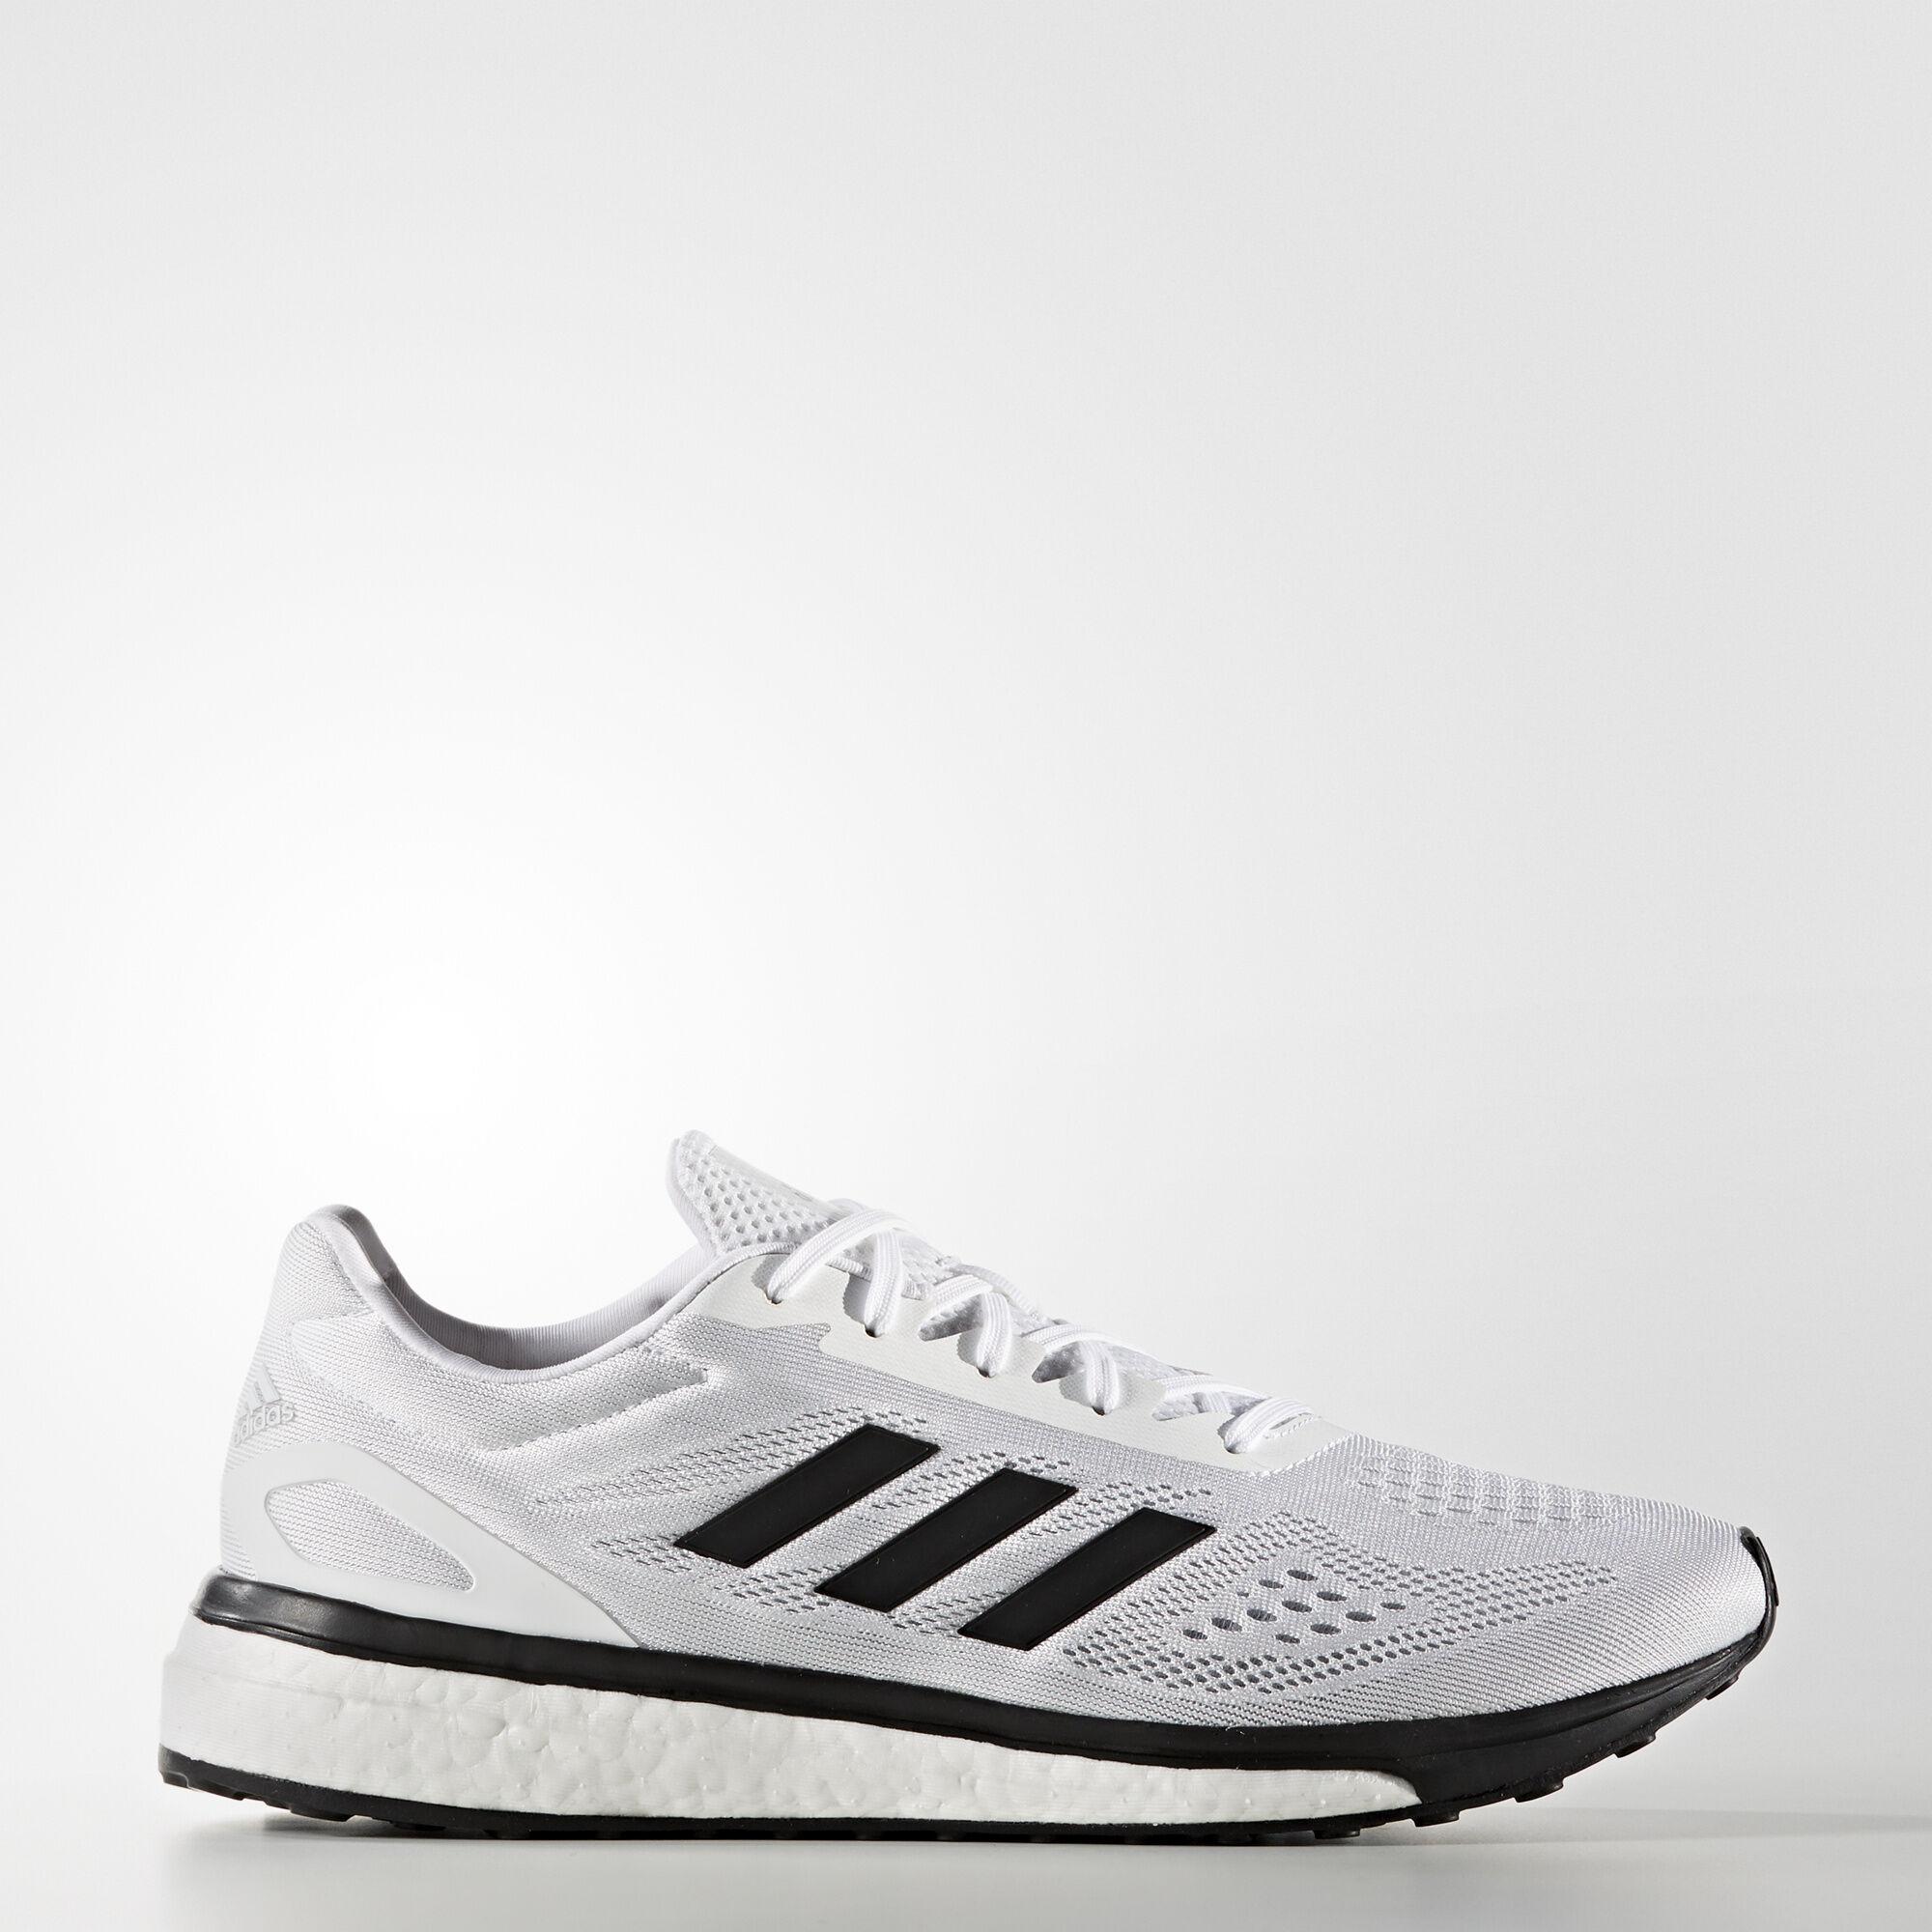 Adidas Boost Lt